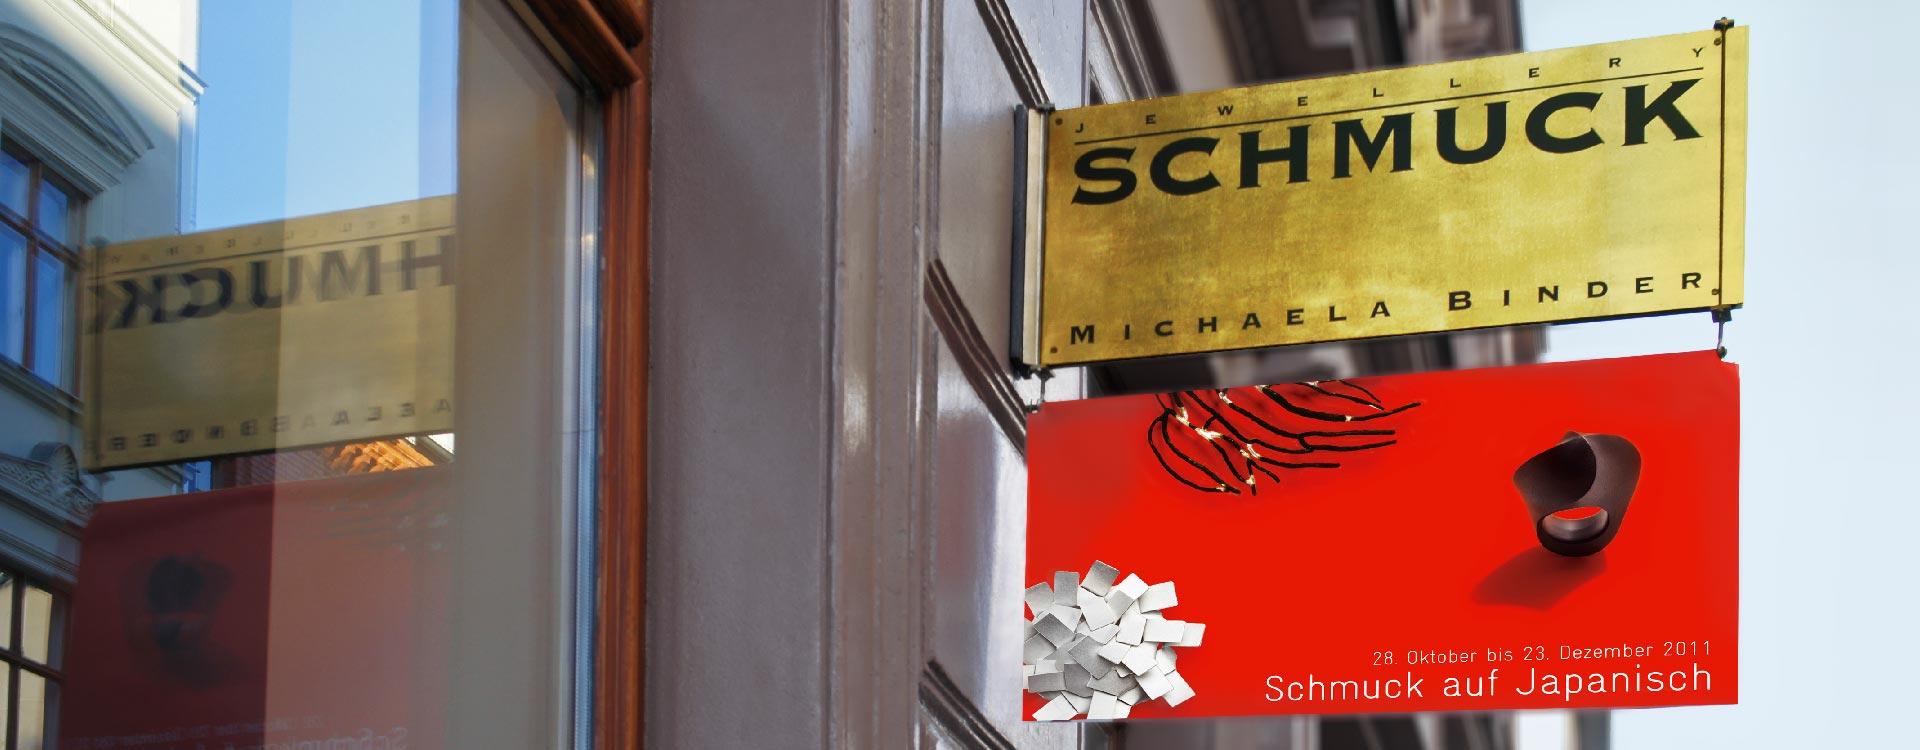 Außenbanner am Firmenschild von der Galerie Michaela Binder; Design: Kattrin Richter |Büro für Grafikdesign